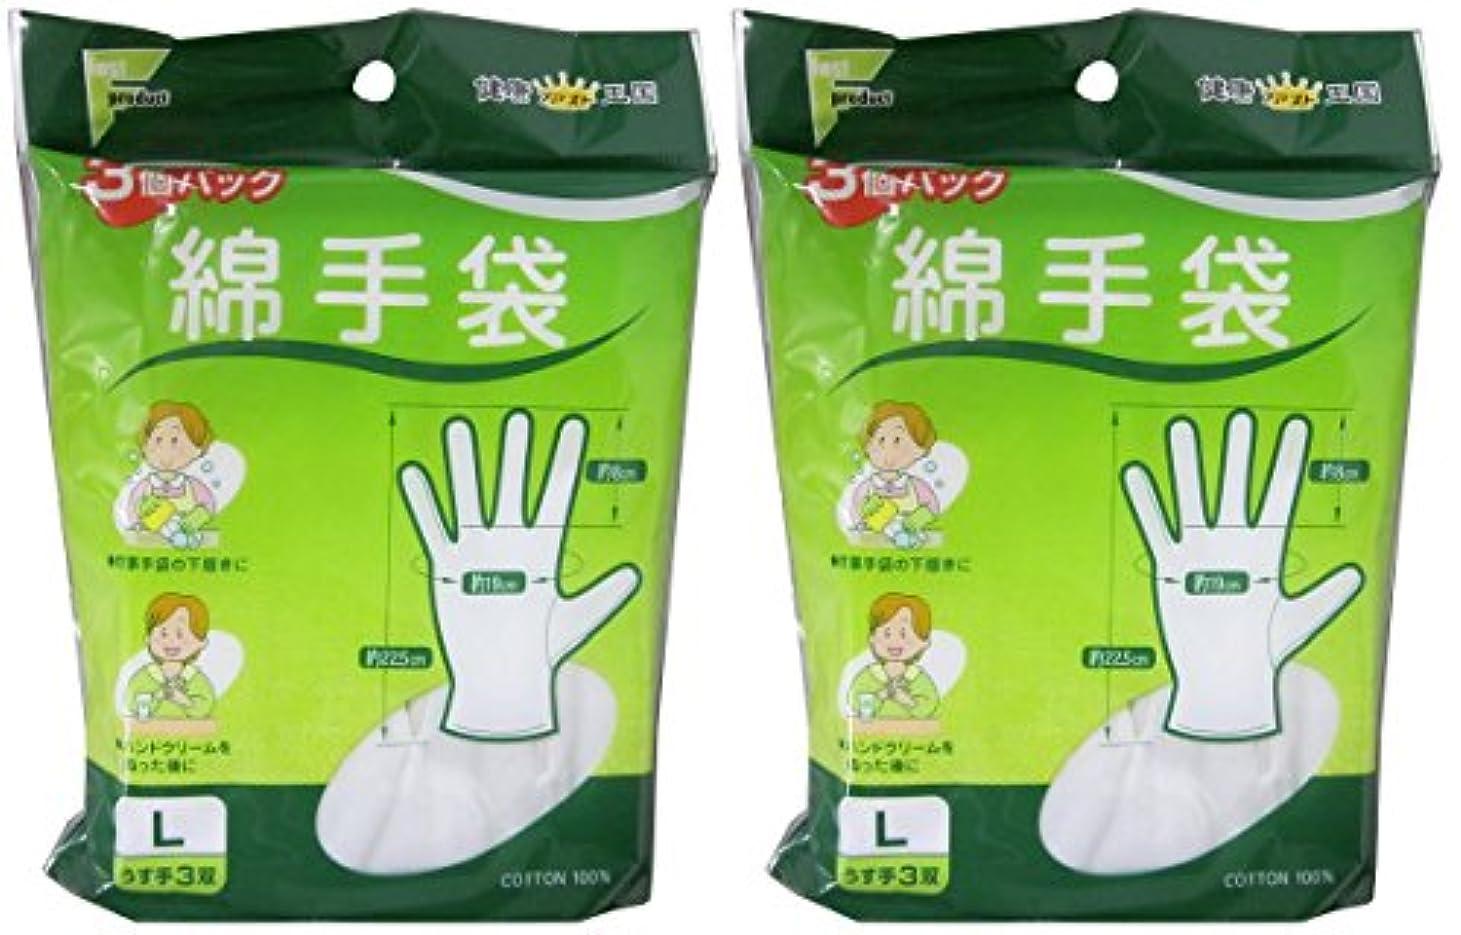 ドア解決犯すファスト綿手袋 Lサイズ 3双 L3双【2個セット】